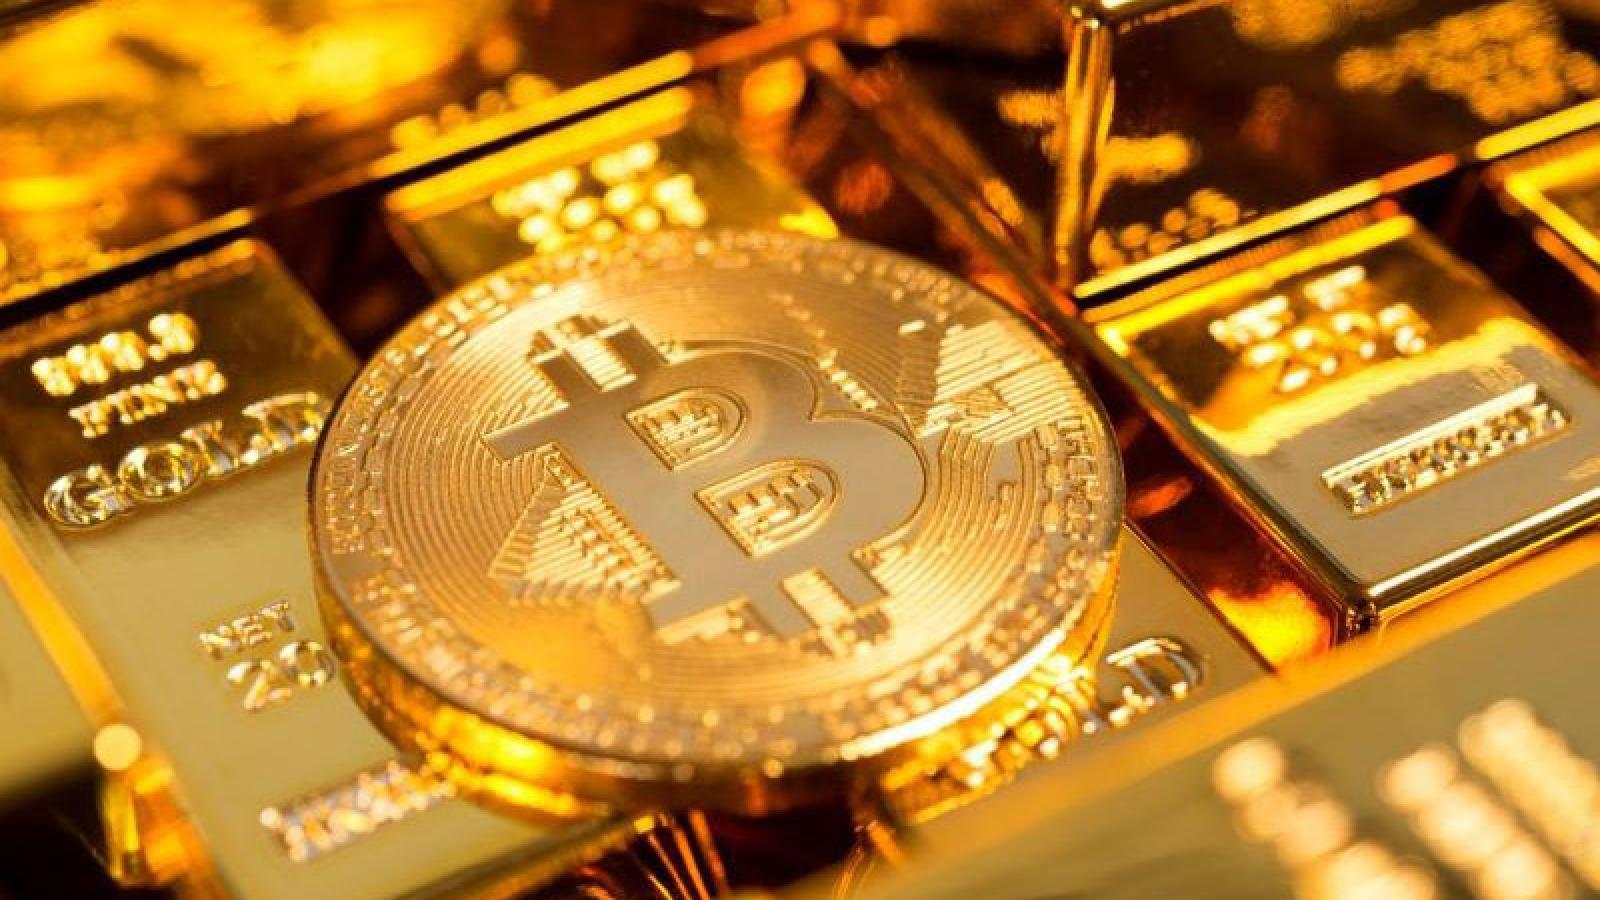 Tiểu sử trên Twitter của Elon Musk khiến giá bitcoin tăng đột biến